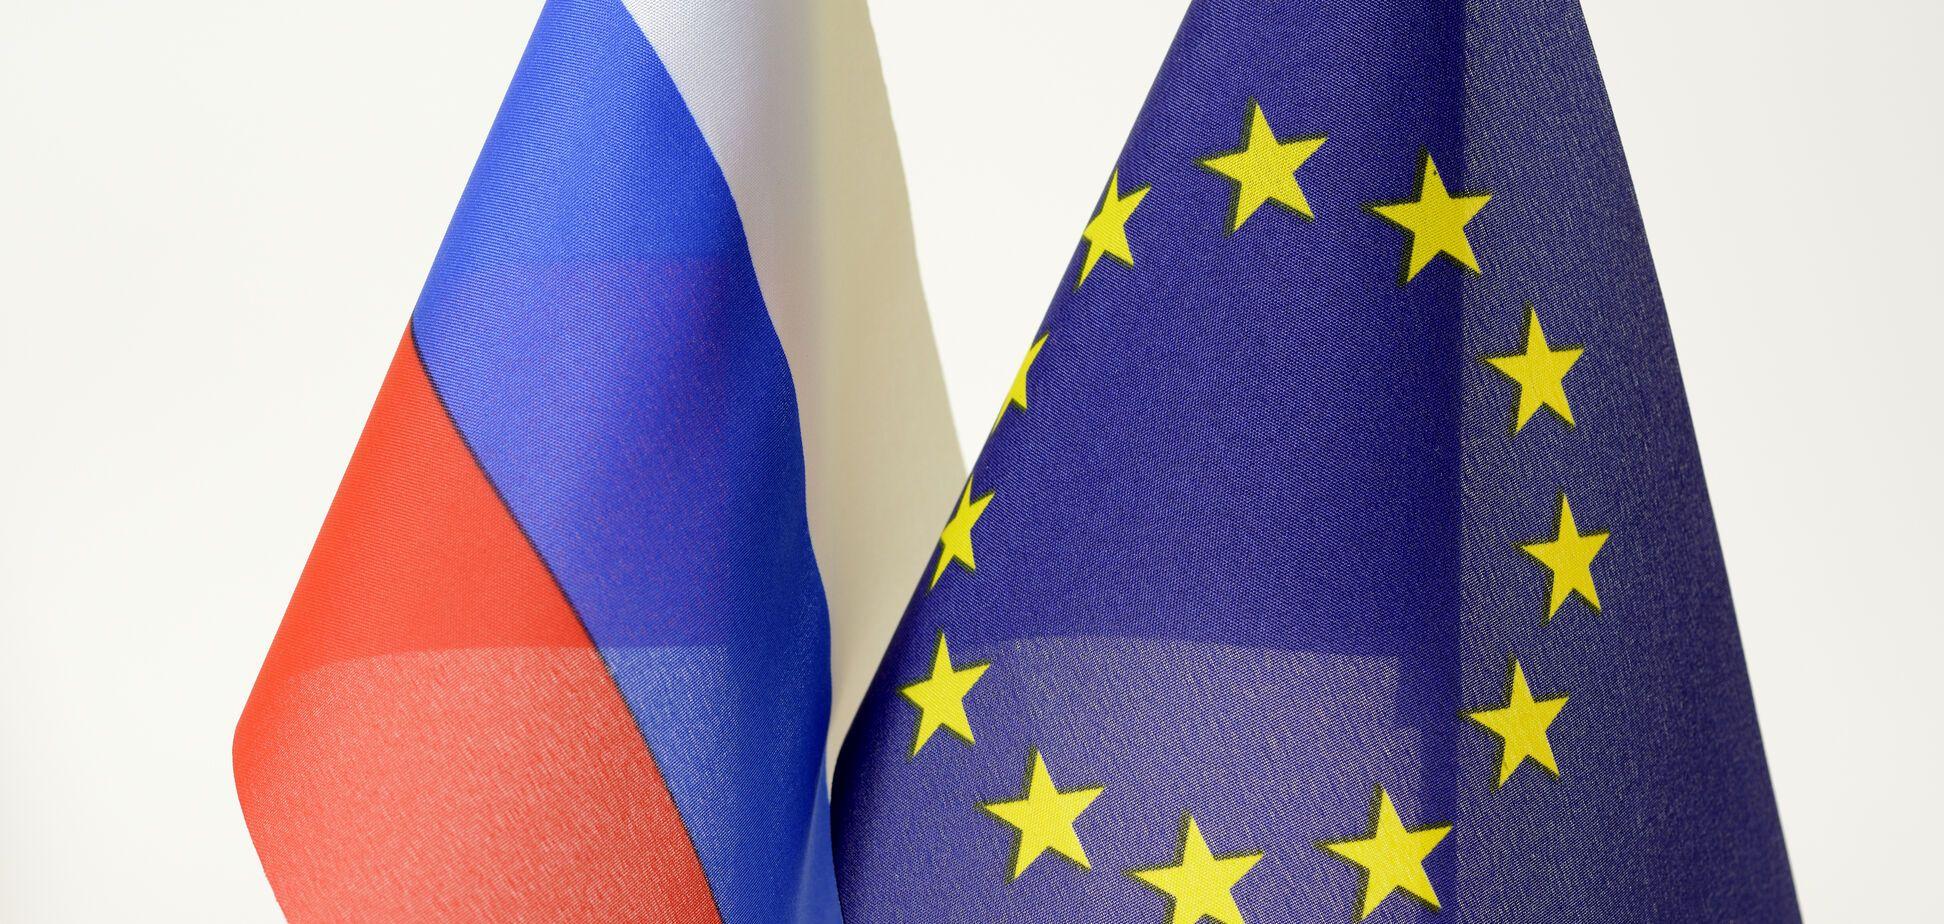 'Кровавые миллиарды': в ЕС крупный банк уличили в отмывании астрономических сумм для Кремля